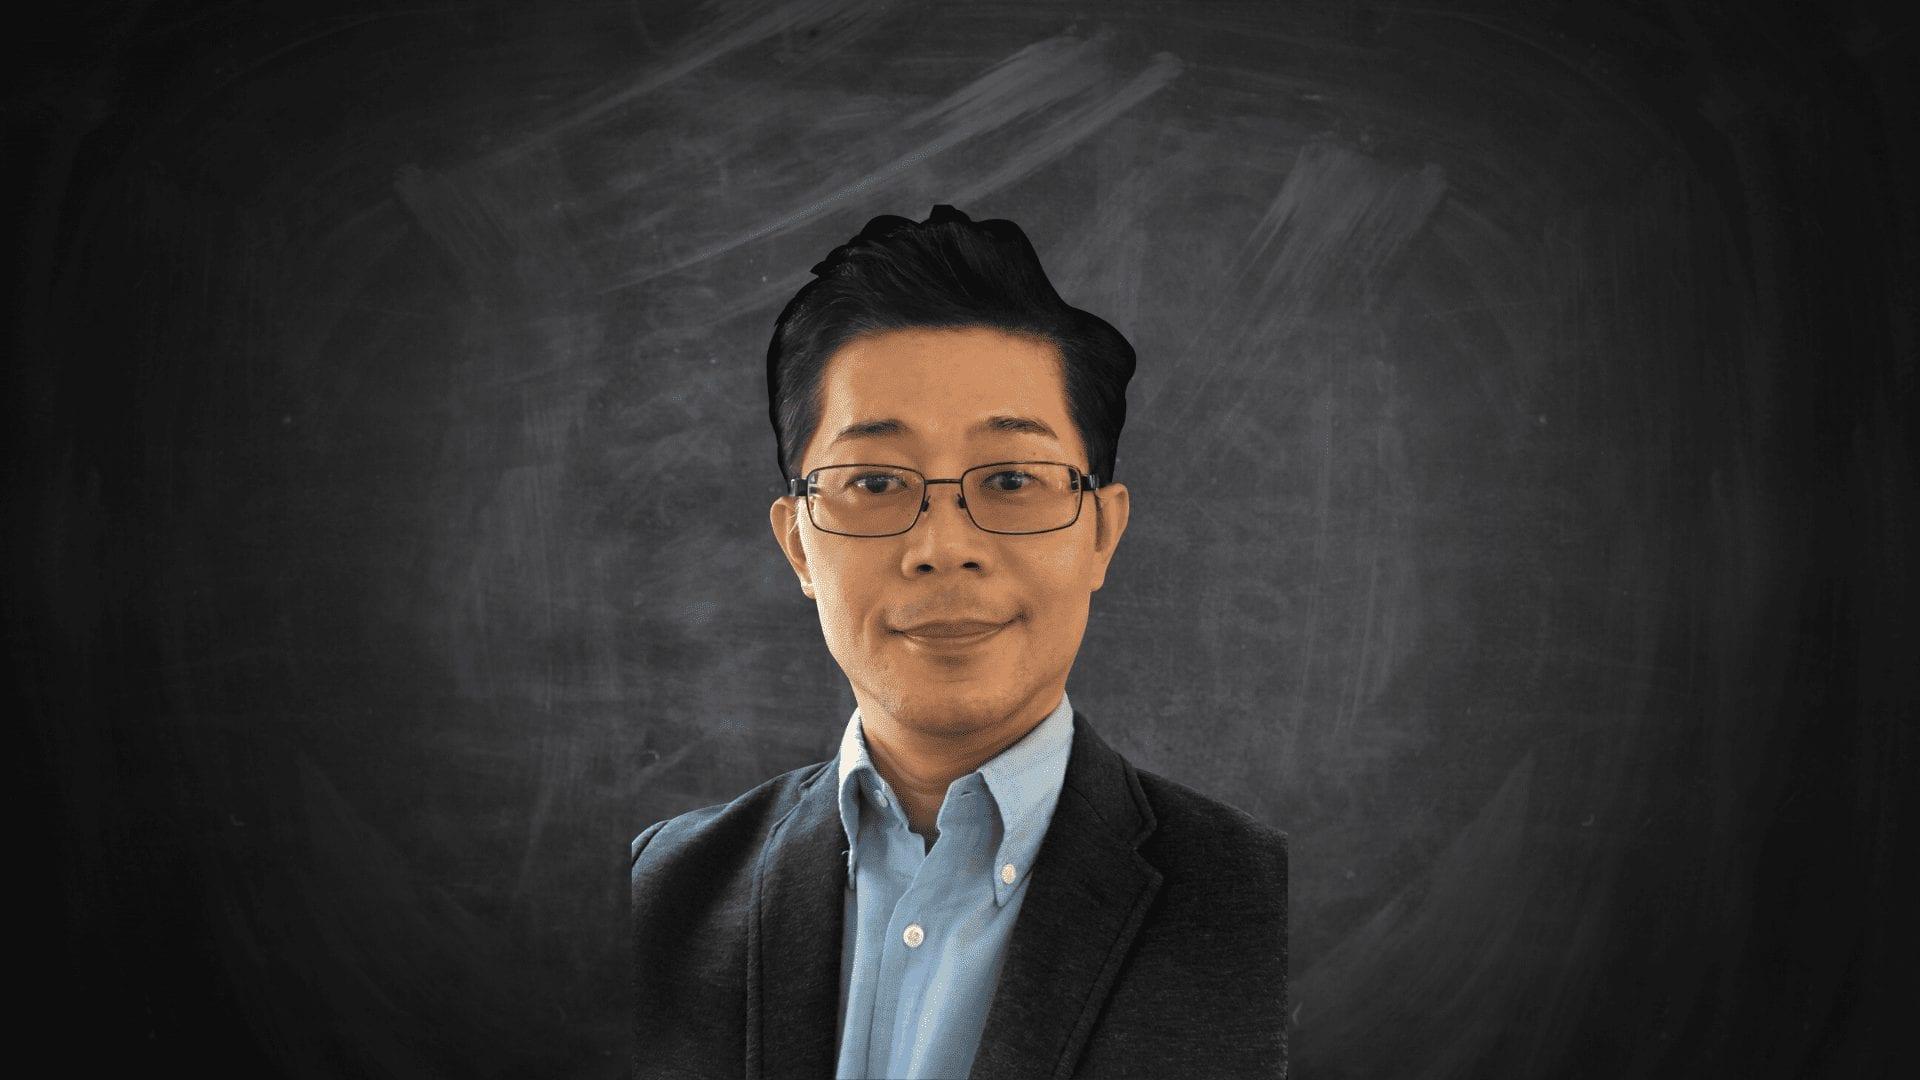 Khoo Kay Khoon